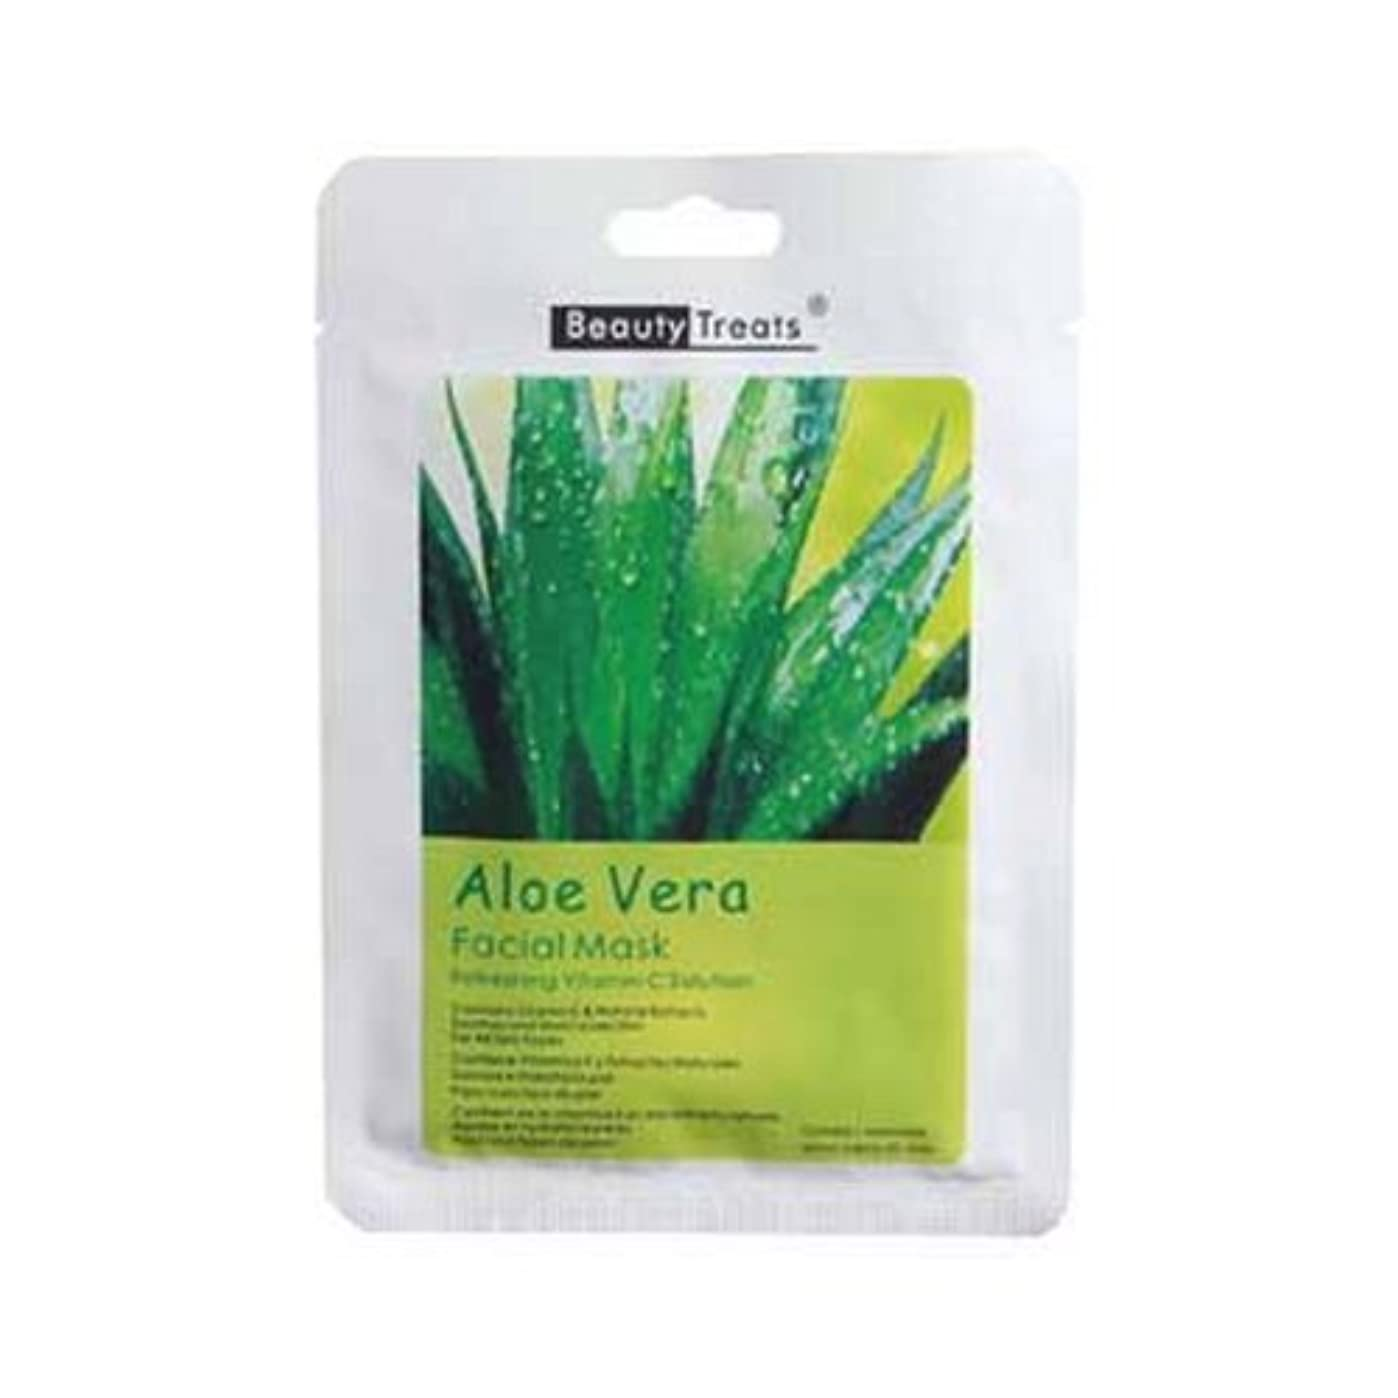 洗練雄大な筋肉の(3 Pack) BEAUTY TREATS Facial Mask Refreshing Vitamin C Solution - Aloe Vera (並行輸入品)